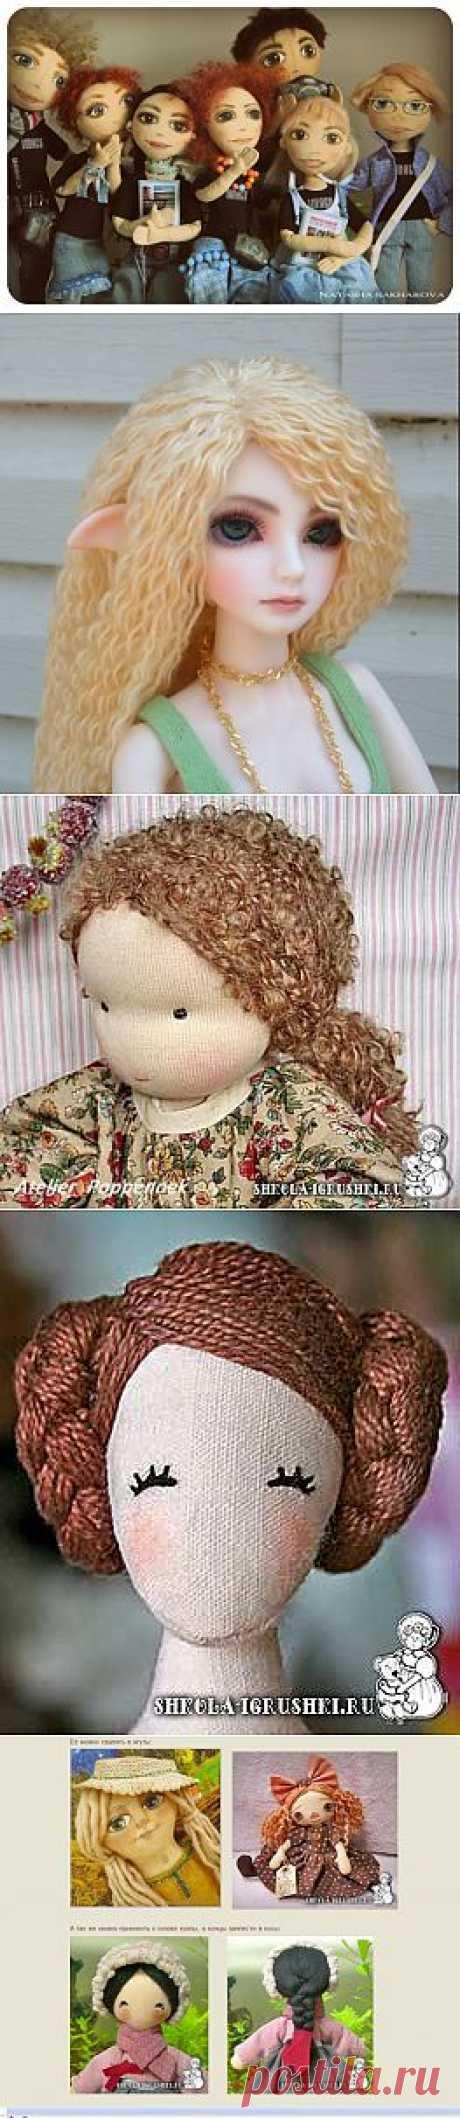 Из чего сделать кукле волосы.